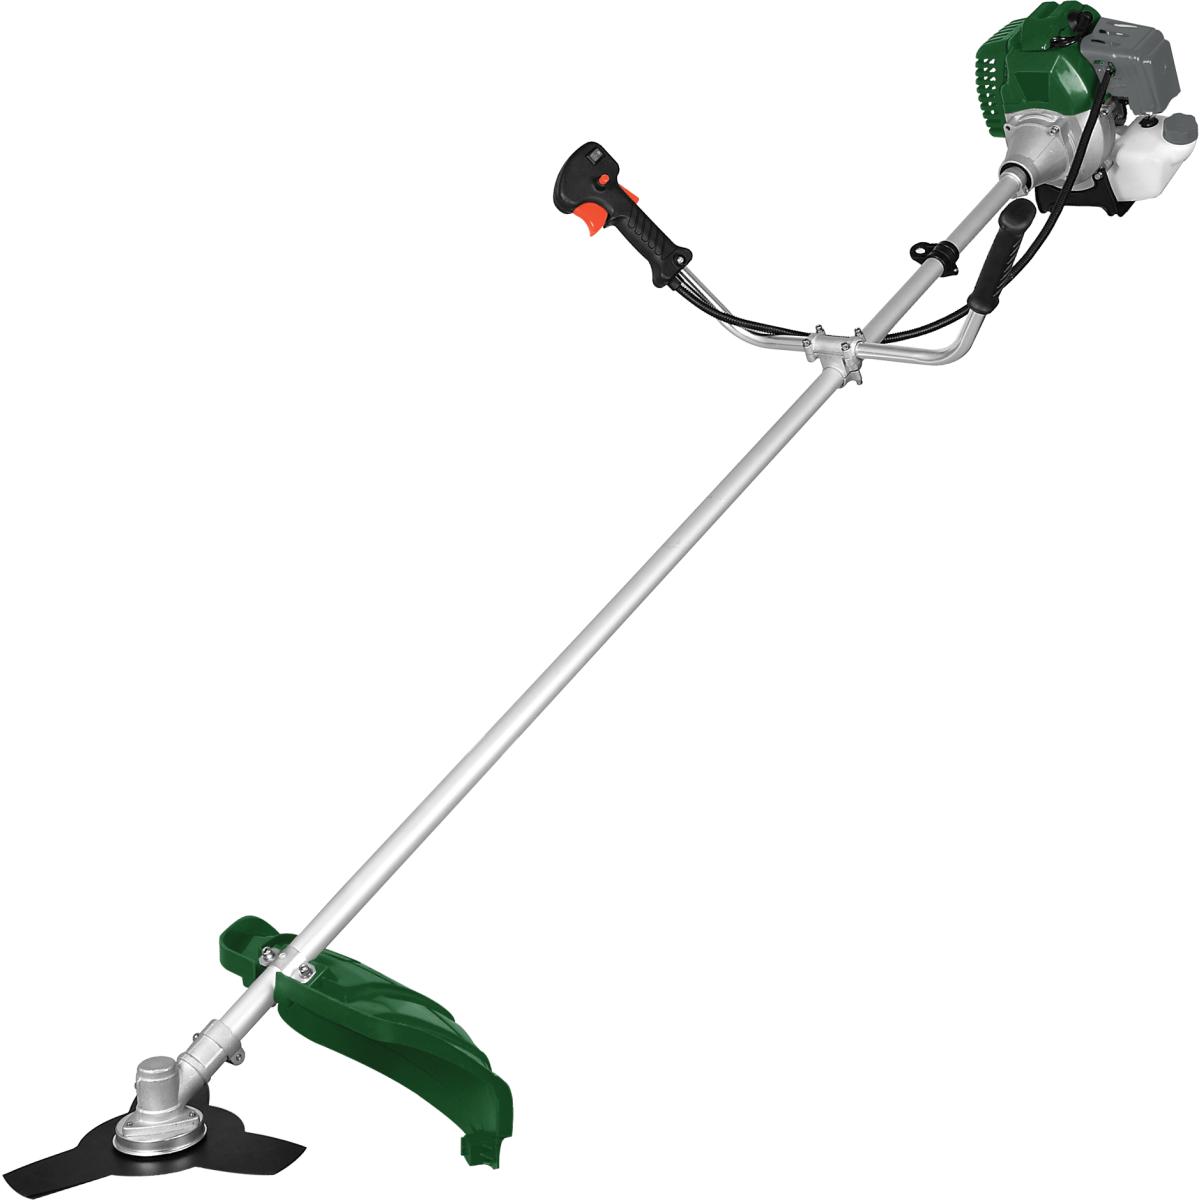 Мотокоса бензиновая Oasis TB-250 33 л.с.